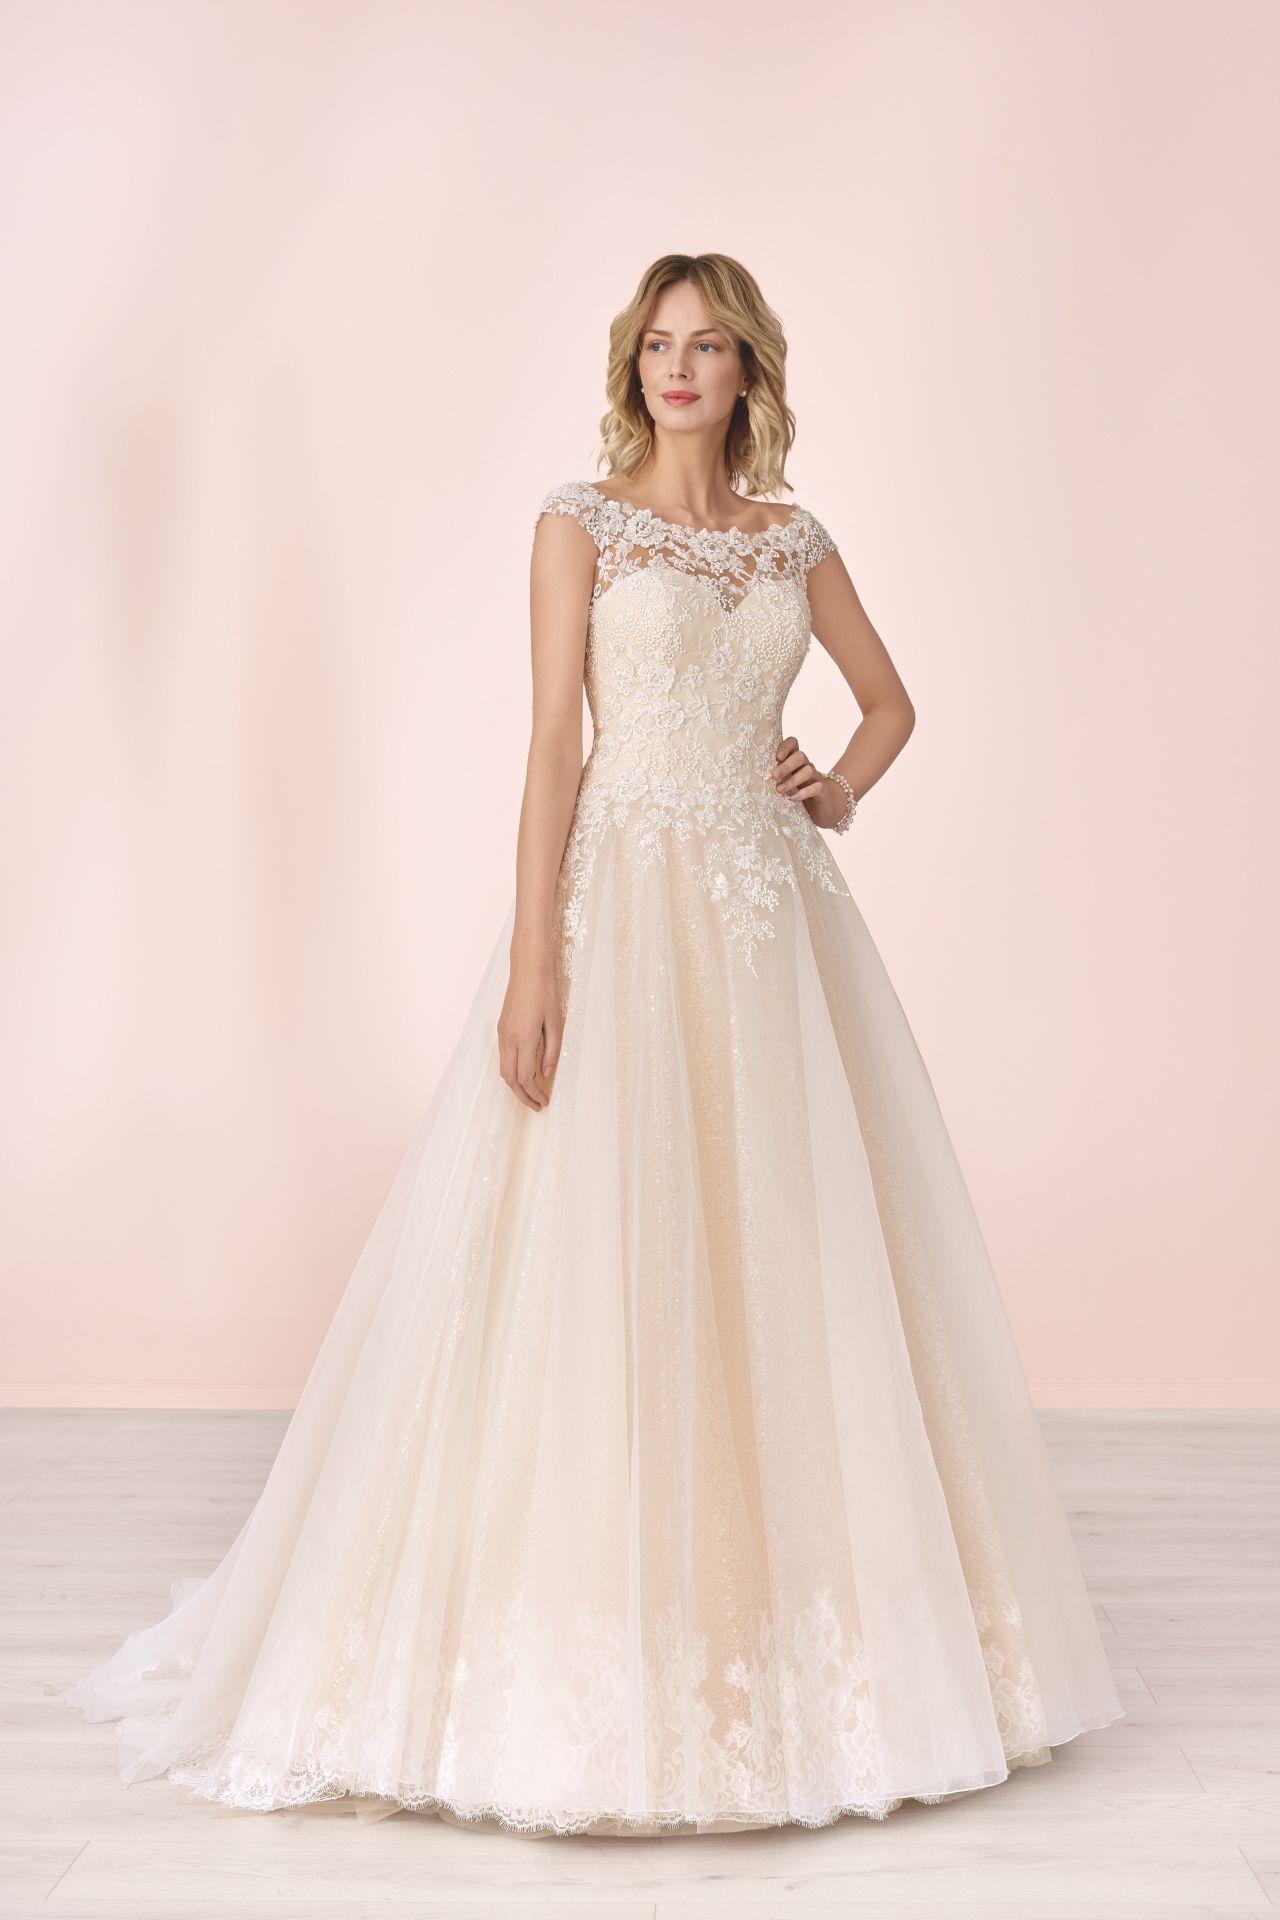 Brautkleid Elizabeth Konin 2019 - 4102T-1   Kleid hochzeit ...